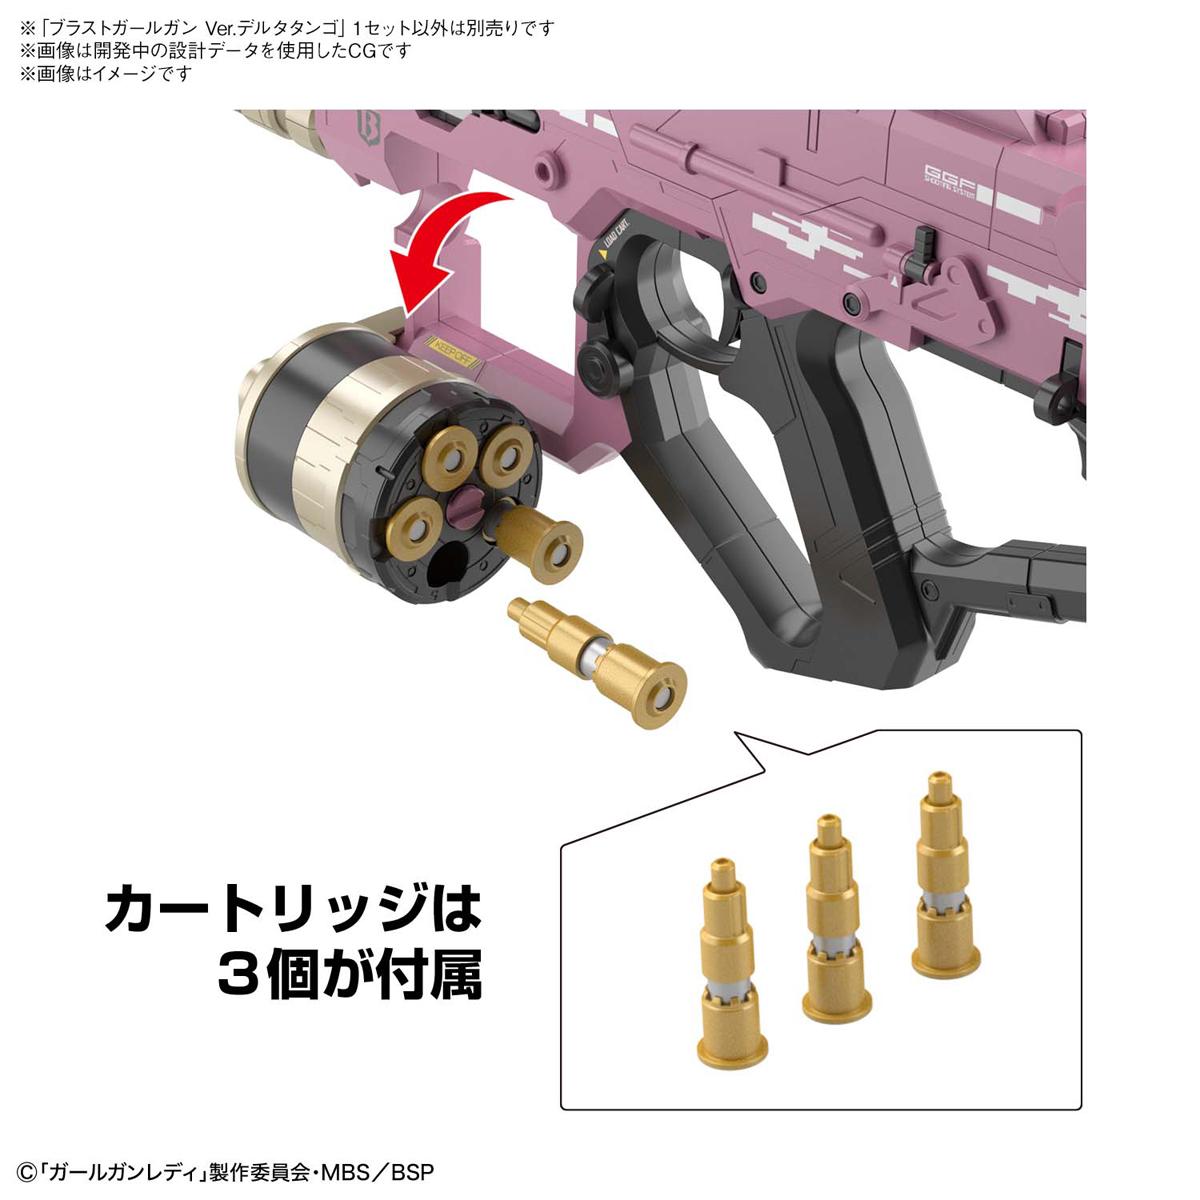 ガールガンレディ『ブラストガールガン Ver.アルファタンゴ』GGL 1/1 プラモデル-011